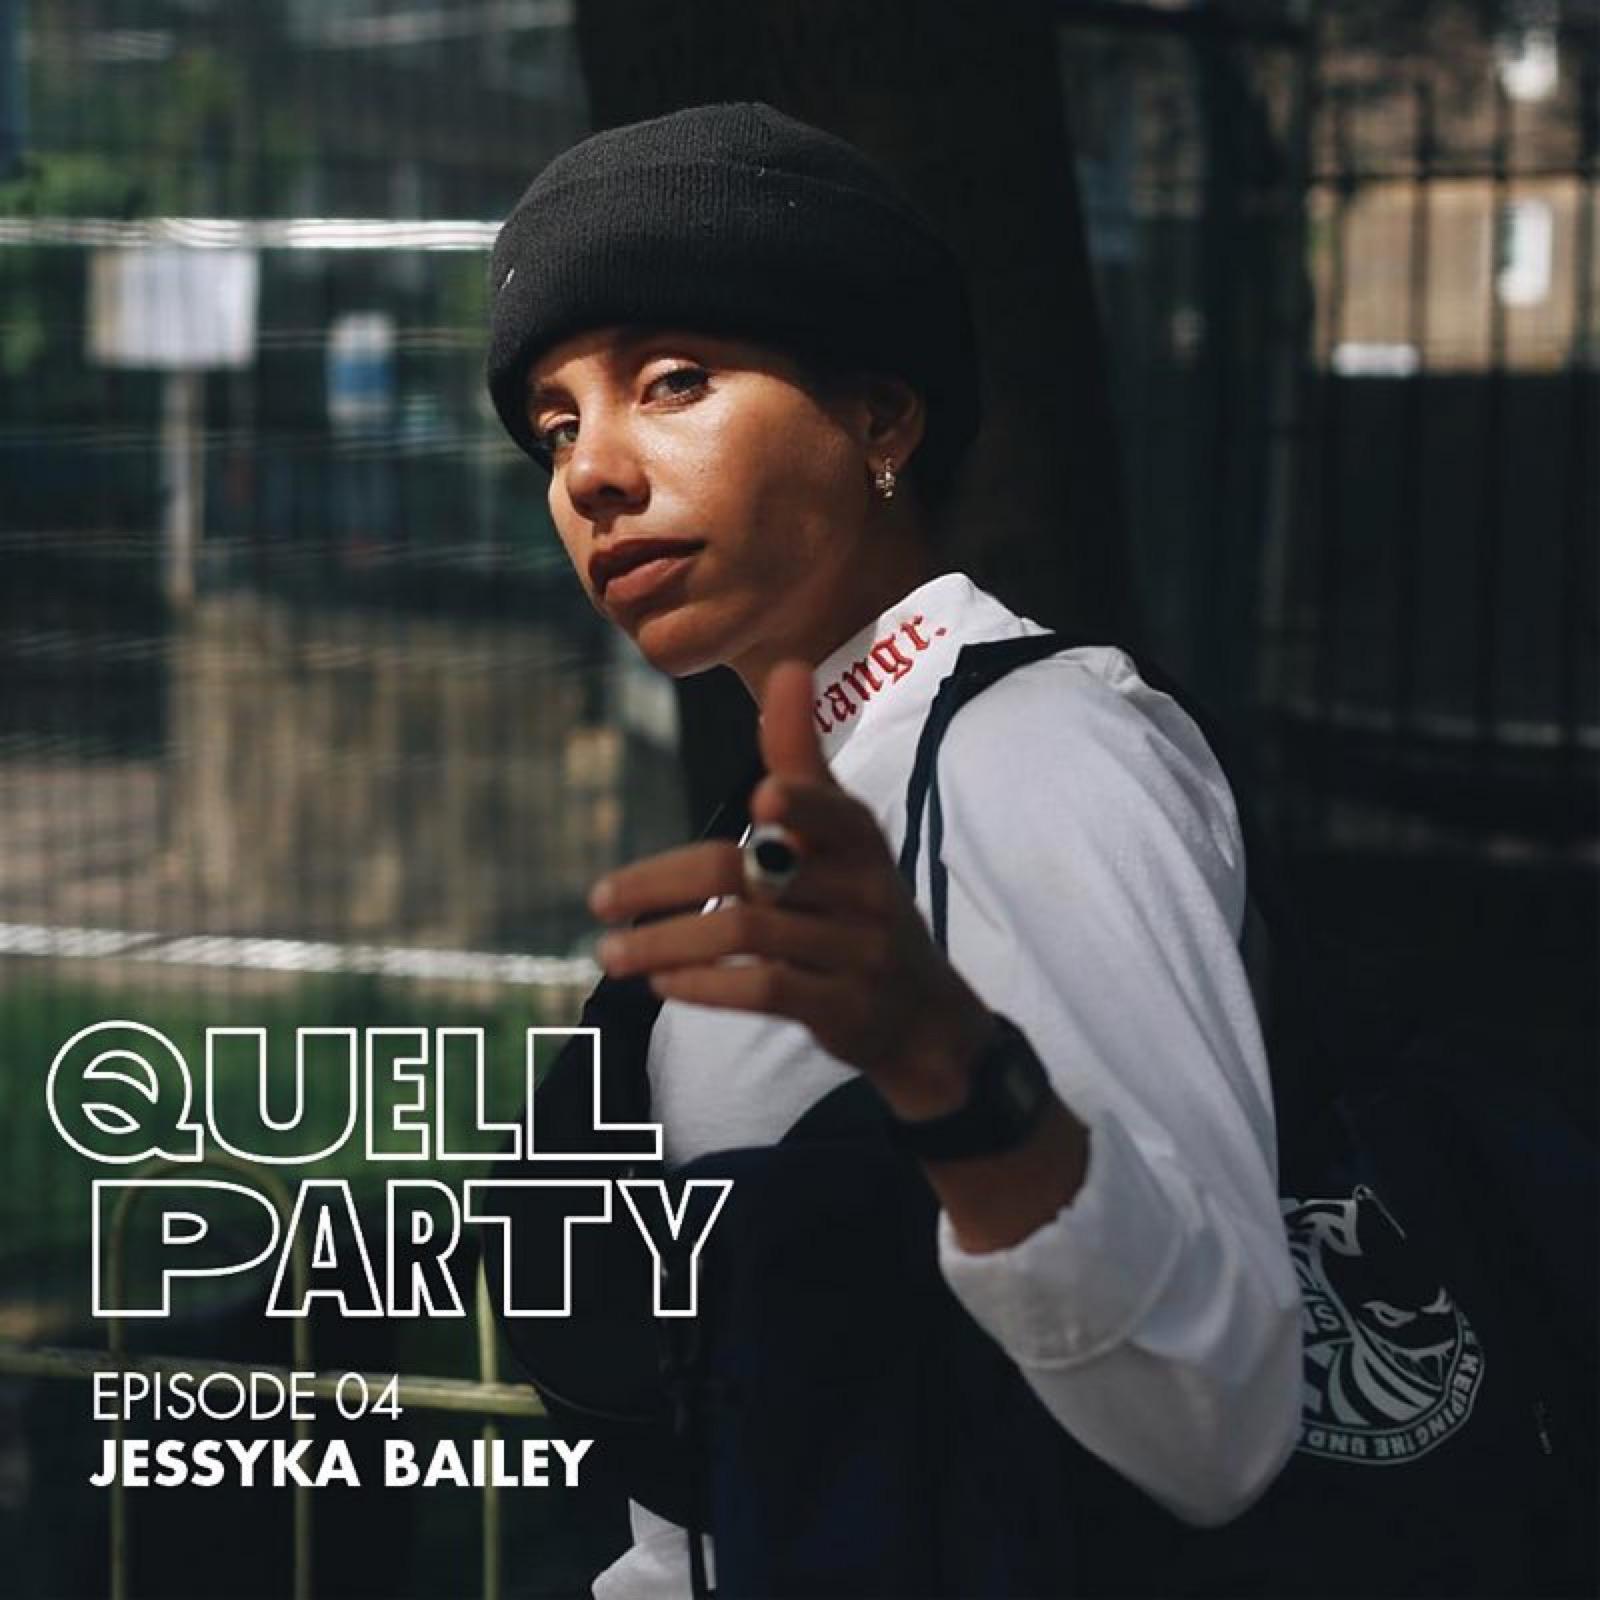 Jessyka Bailey